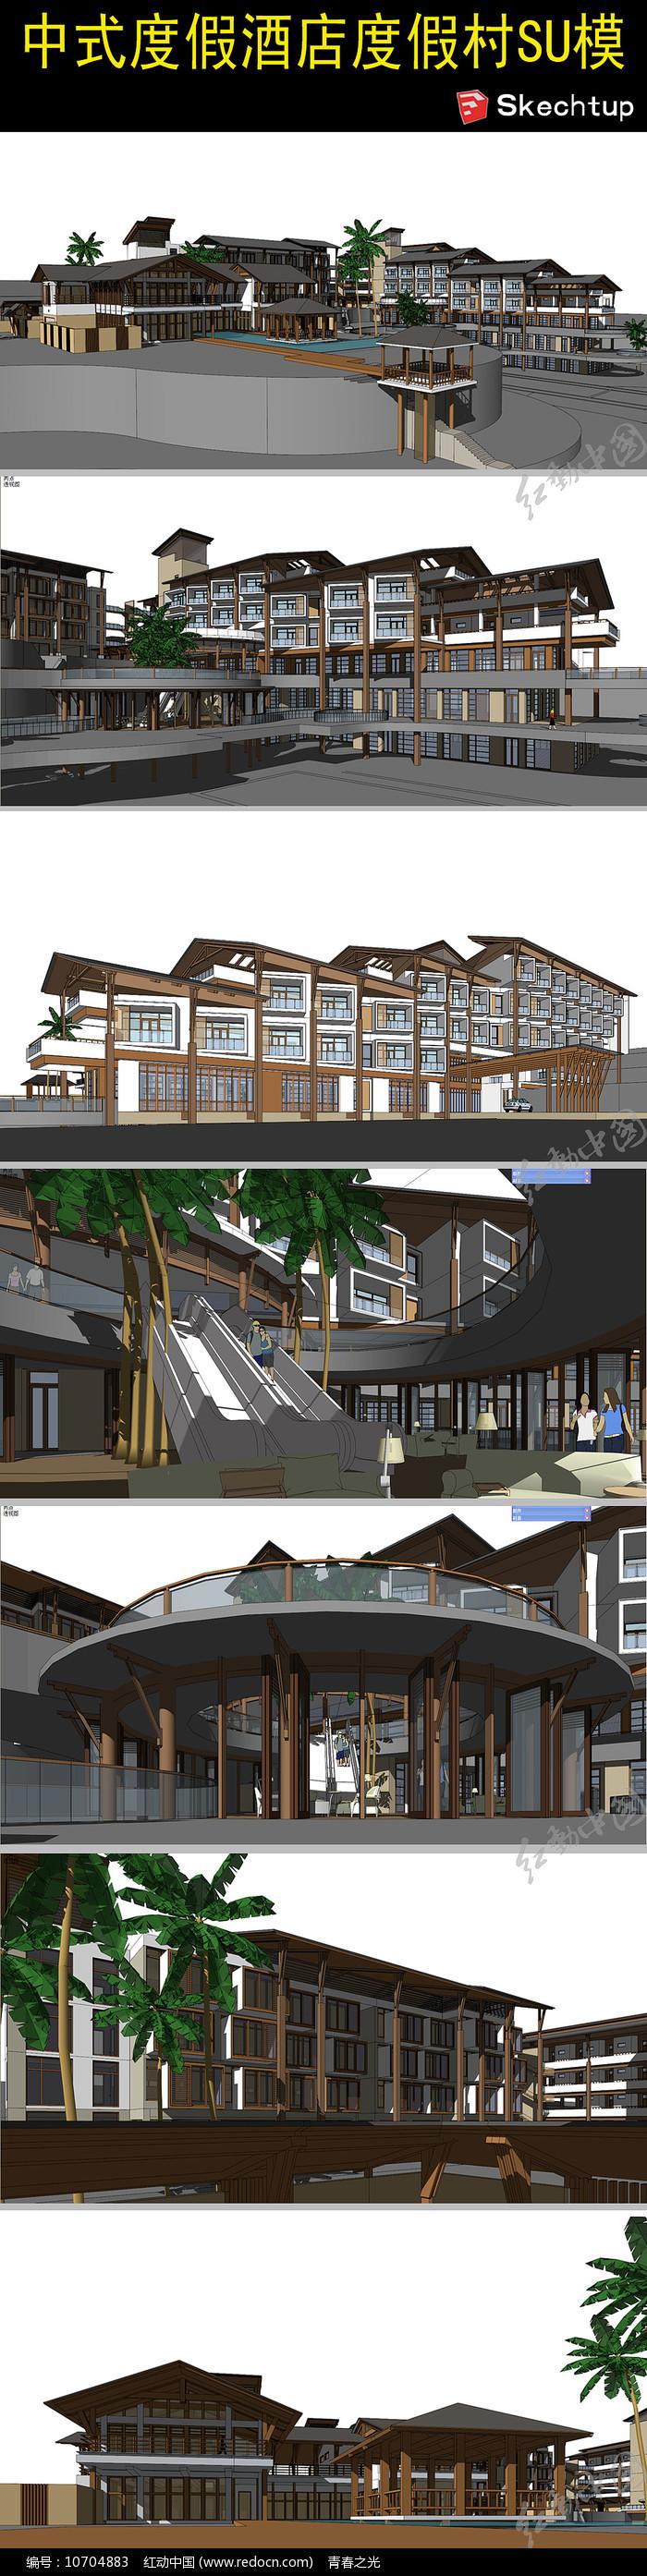 中式度假酒店度假村SU模型图片